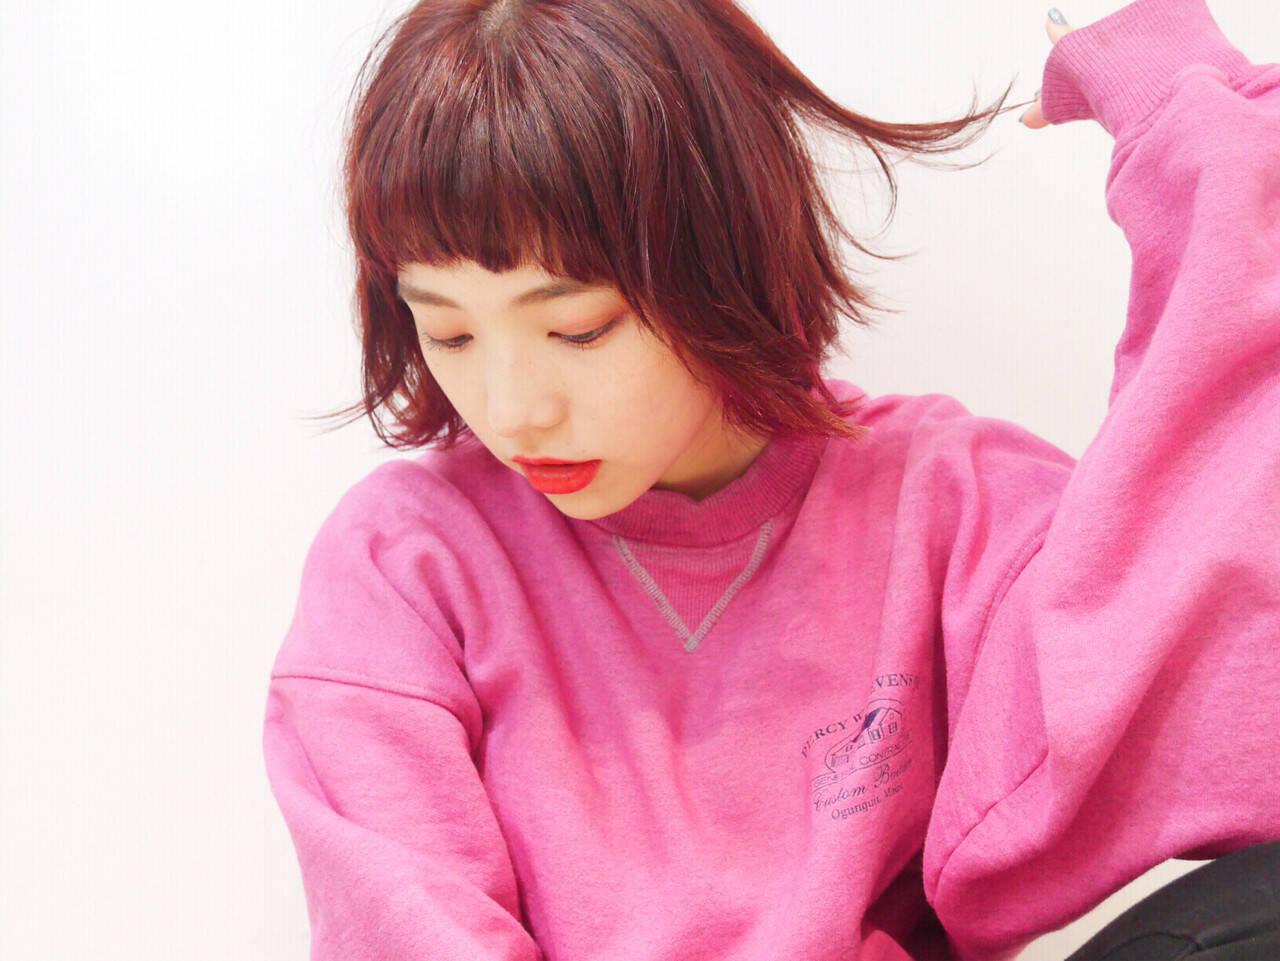 ベリーピンク ピンク ショート ウェットヘアヘアスタイルや髪型の写真・画像